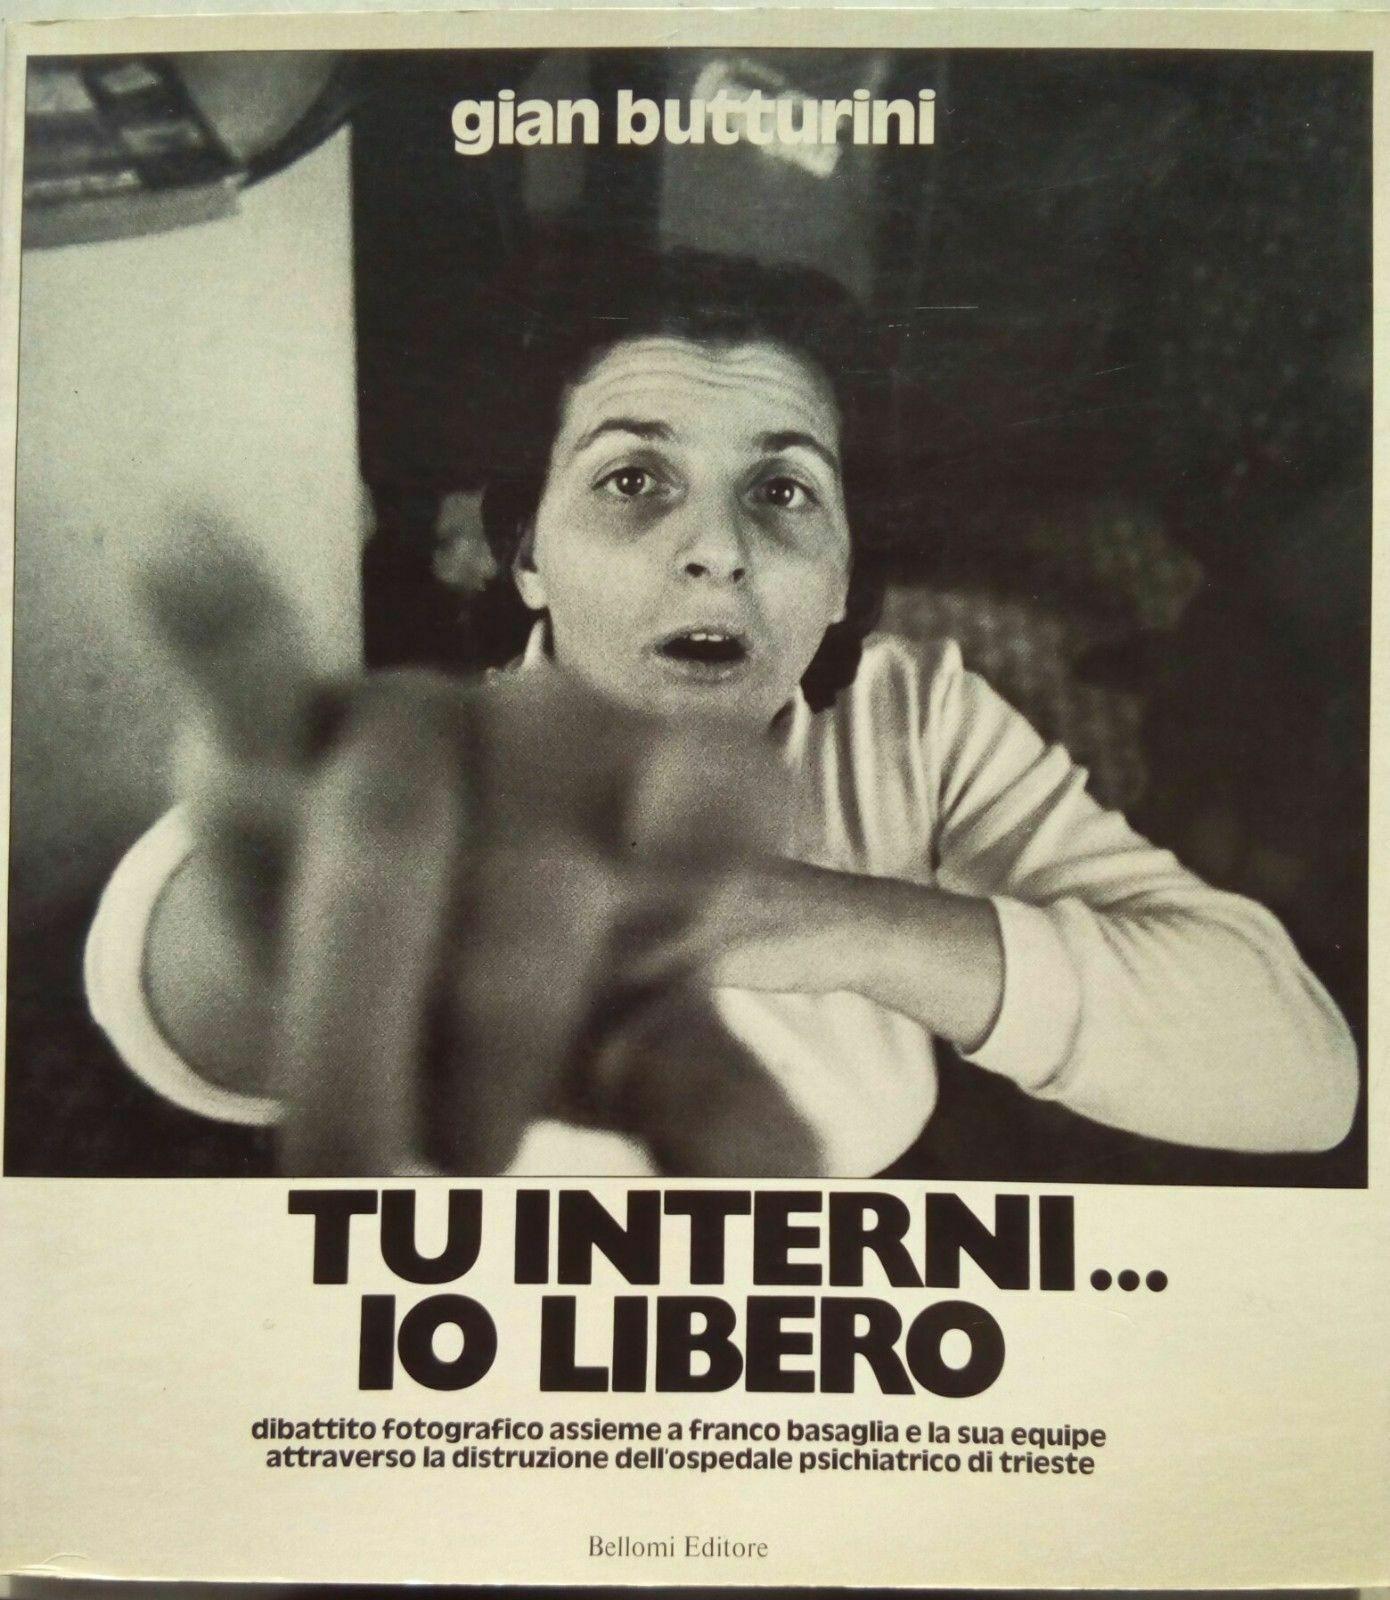 """""""Tu interni… io libero"""" di Gian Butturini (Bellomi, 1977): in scadenza un'asta con un libro fotografico molto ambito e ricercato sull'ex Manicomio di Trieste"""